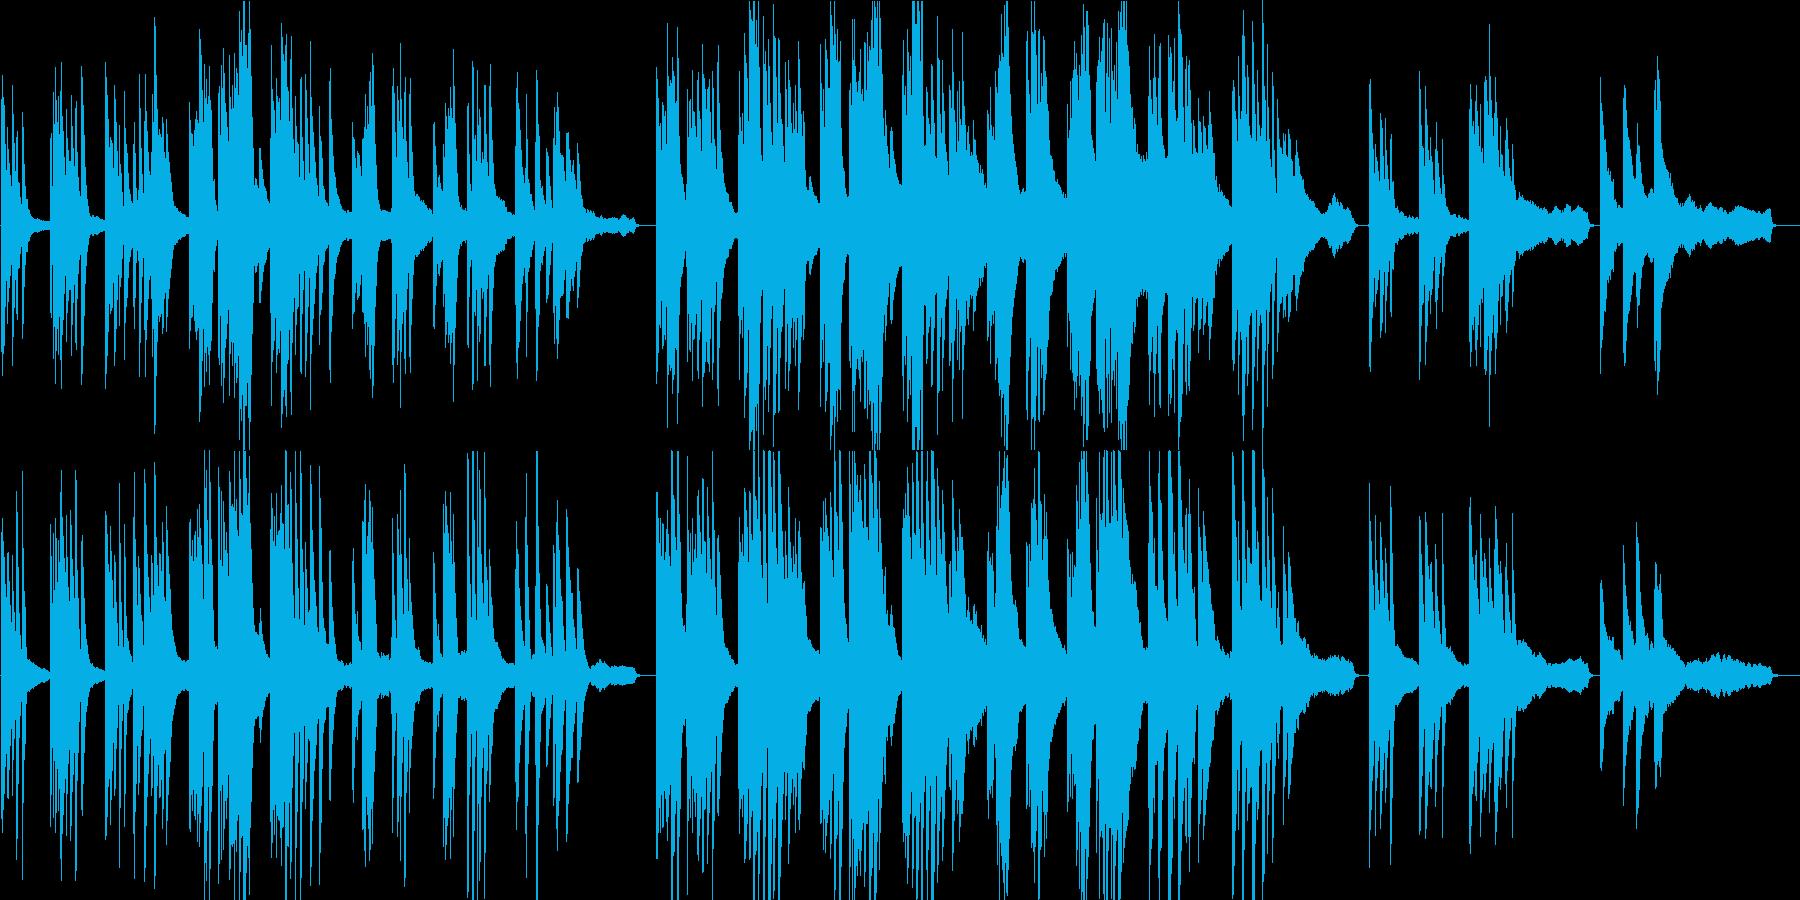 企業VP6 16bit44kHzVerの再生済みの波形